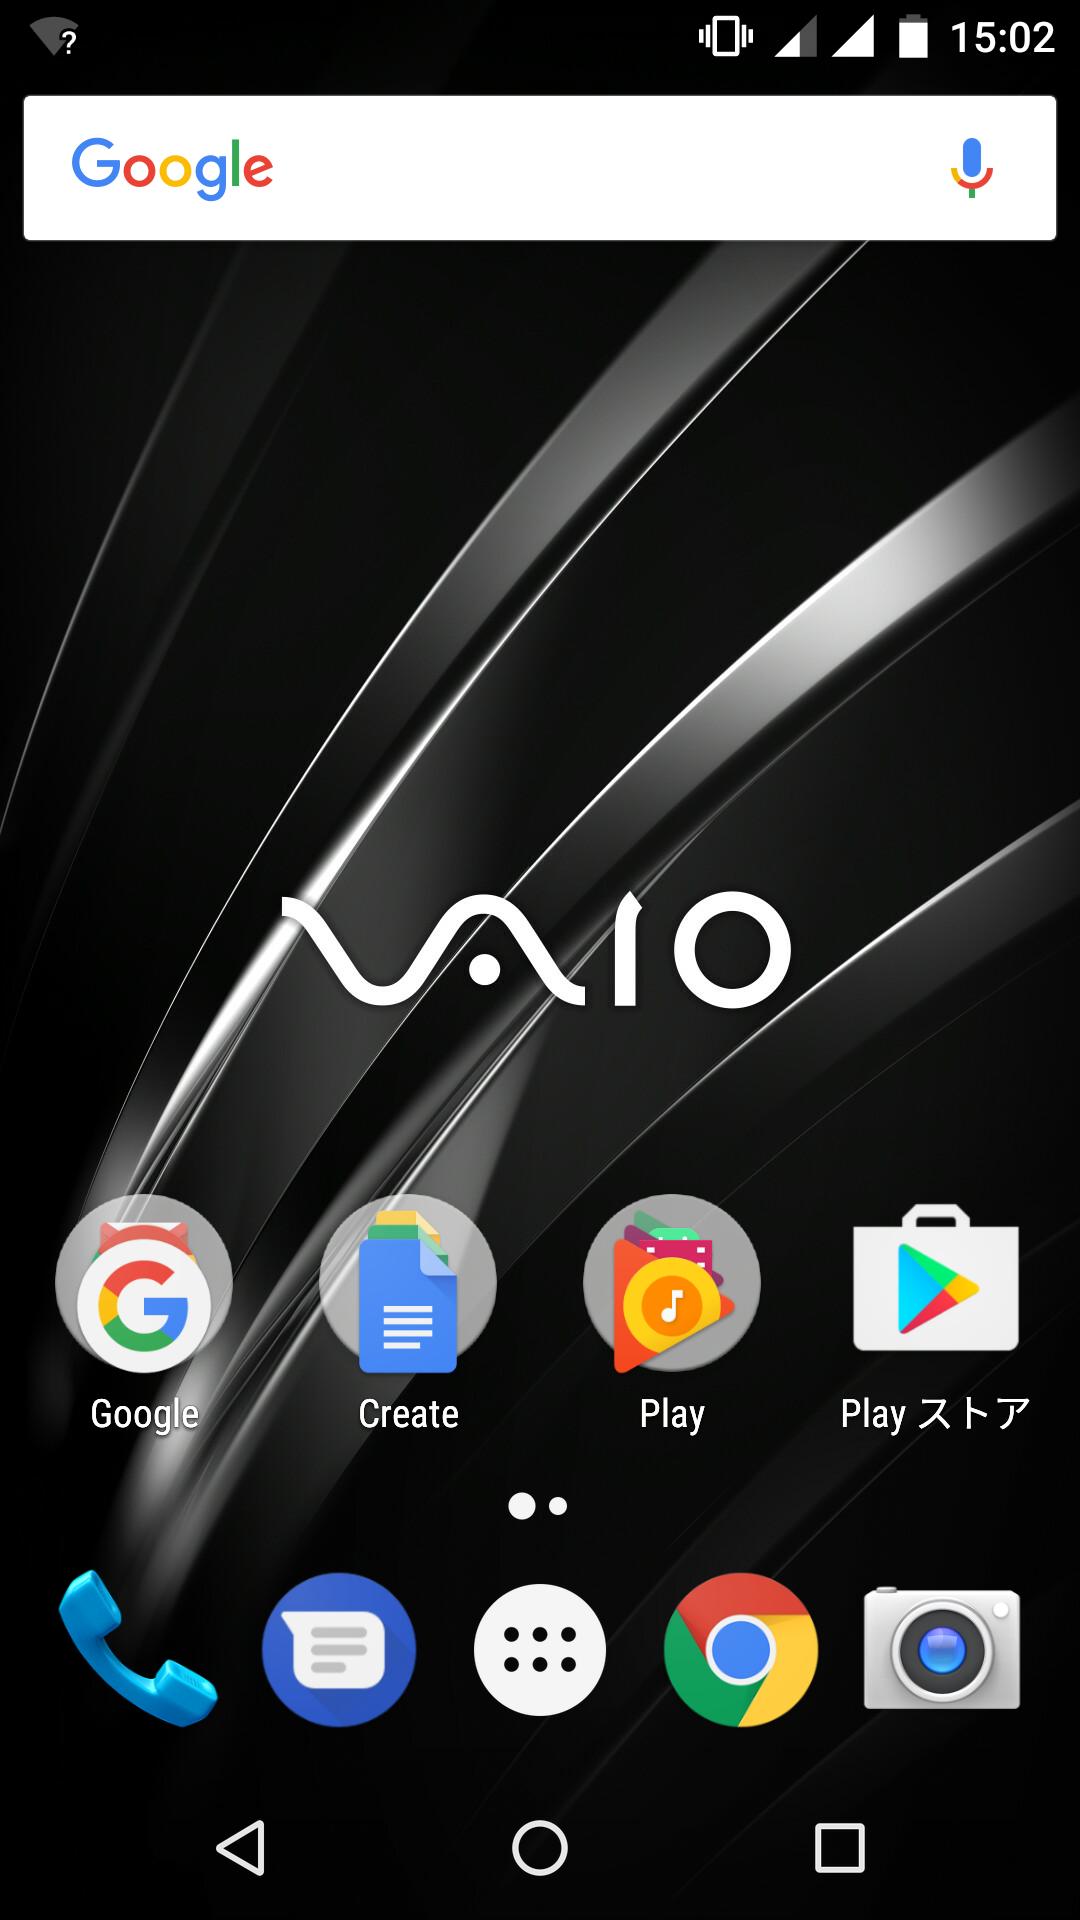 画像 Hothotレビュー 本日発売の Vaio Phone A の使い勝手を確かめる Lte 3gのdsdsに対応した2万円半ばのandroidスマホ 18 34 Pc Watch